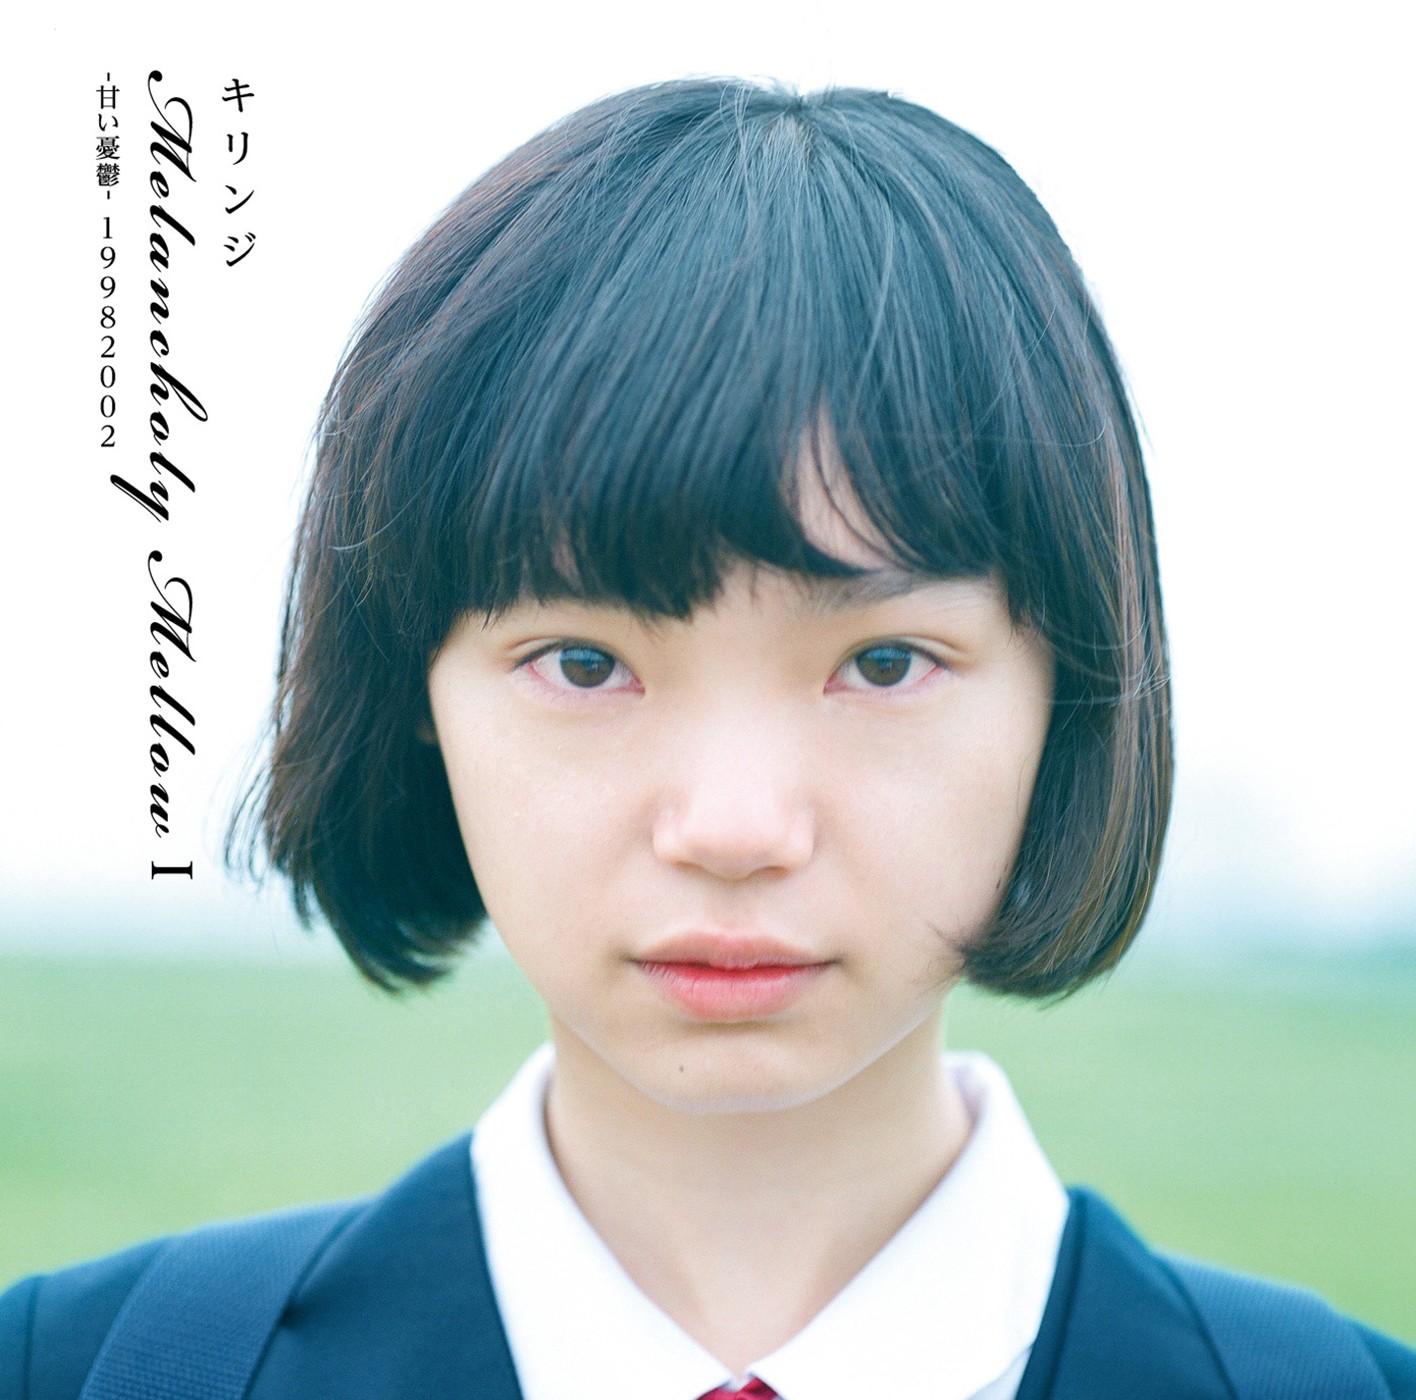 キリンジ (KIRINJI) – Melancholy Mellow Ⅰ -甘い憂鬱-19982002 [24bit Lossless + MP3 320 / WEB] [2018.11.07]